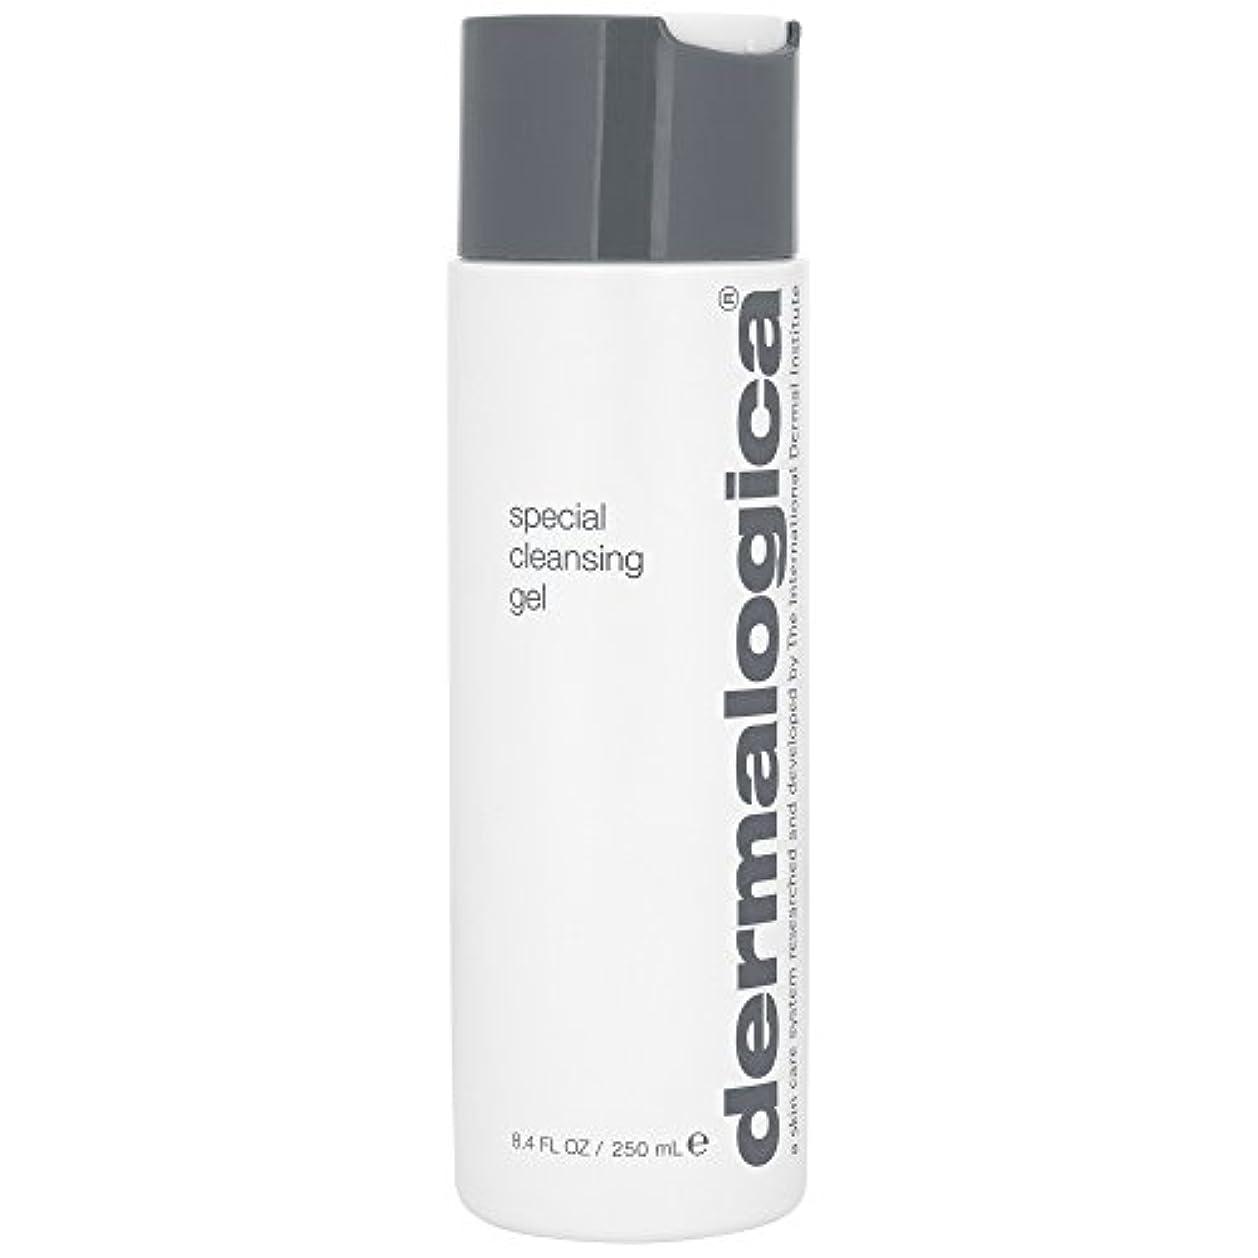 柔らかさセミナーマスクダーマロジカ特別なクレンジングゲル250ミリリットル (Dermalogica) - Dermalogica Special Cleansing Gel 250ml [並行輸入品]